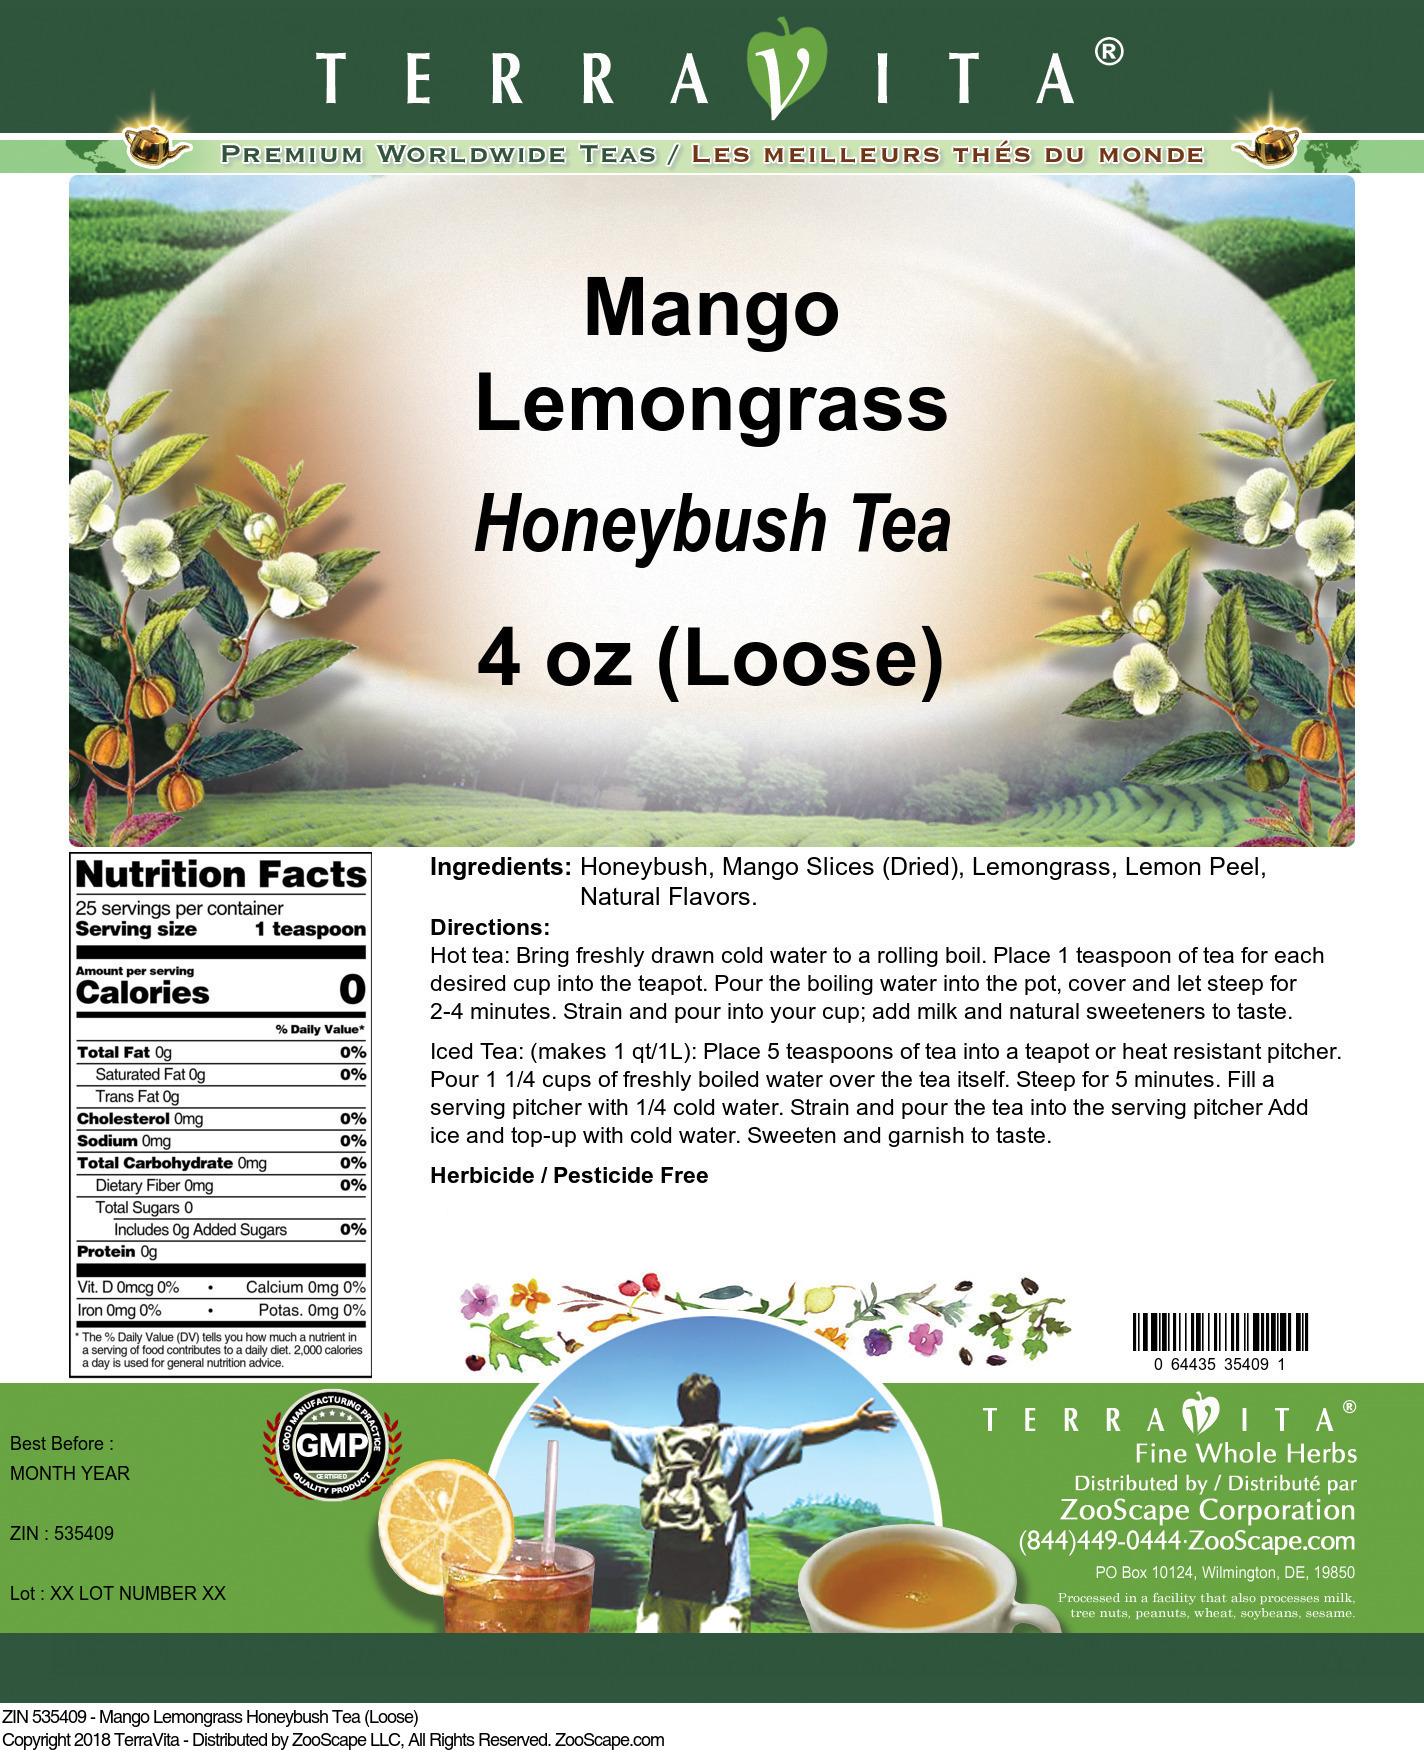 Mango Lemongrass Honeybush Tea (Loose)